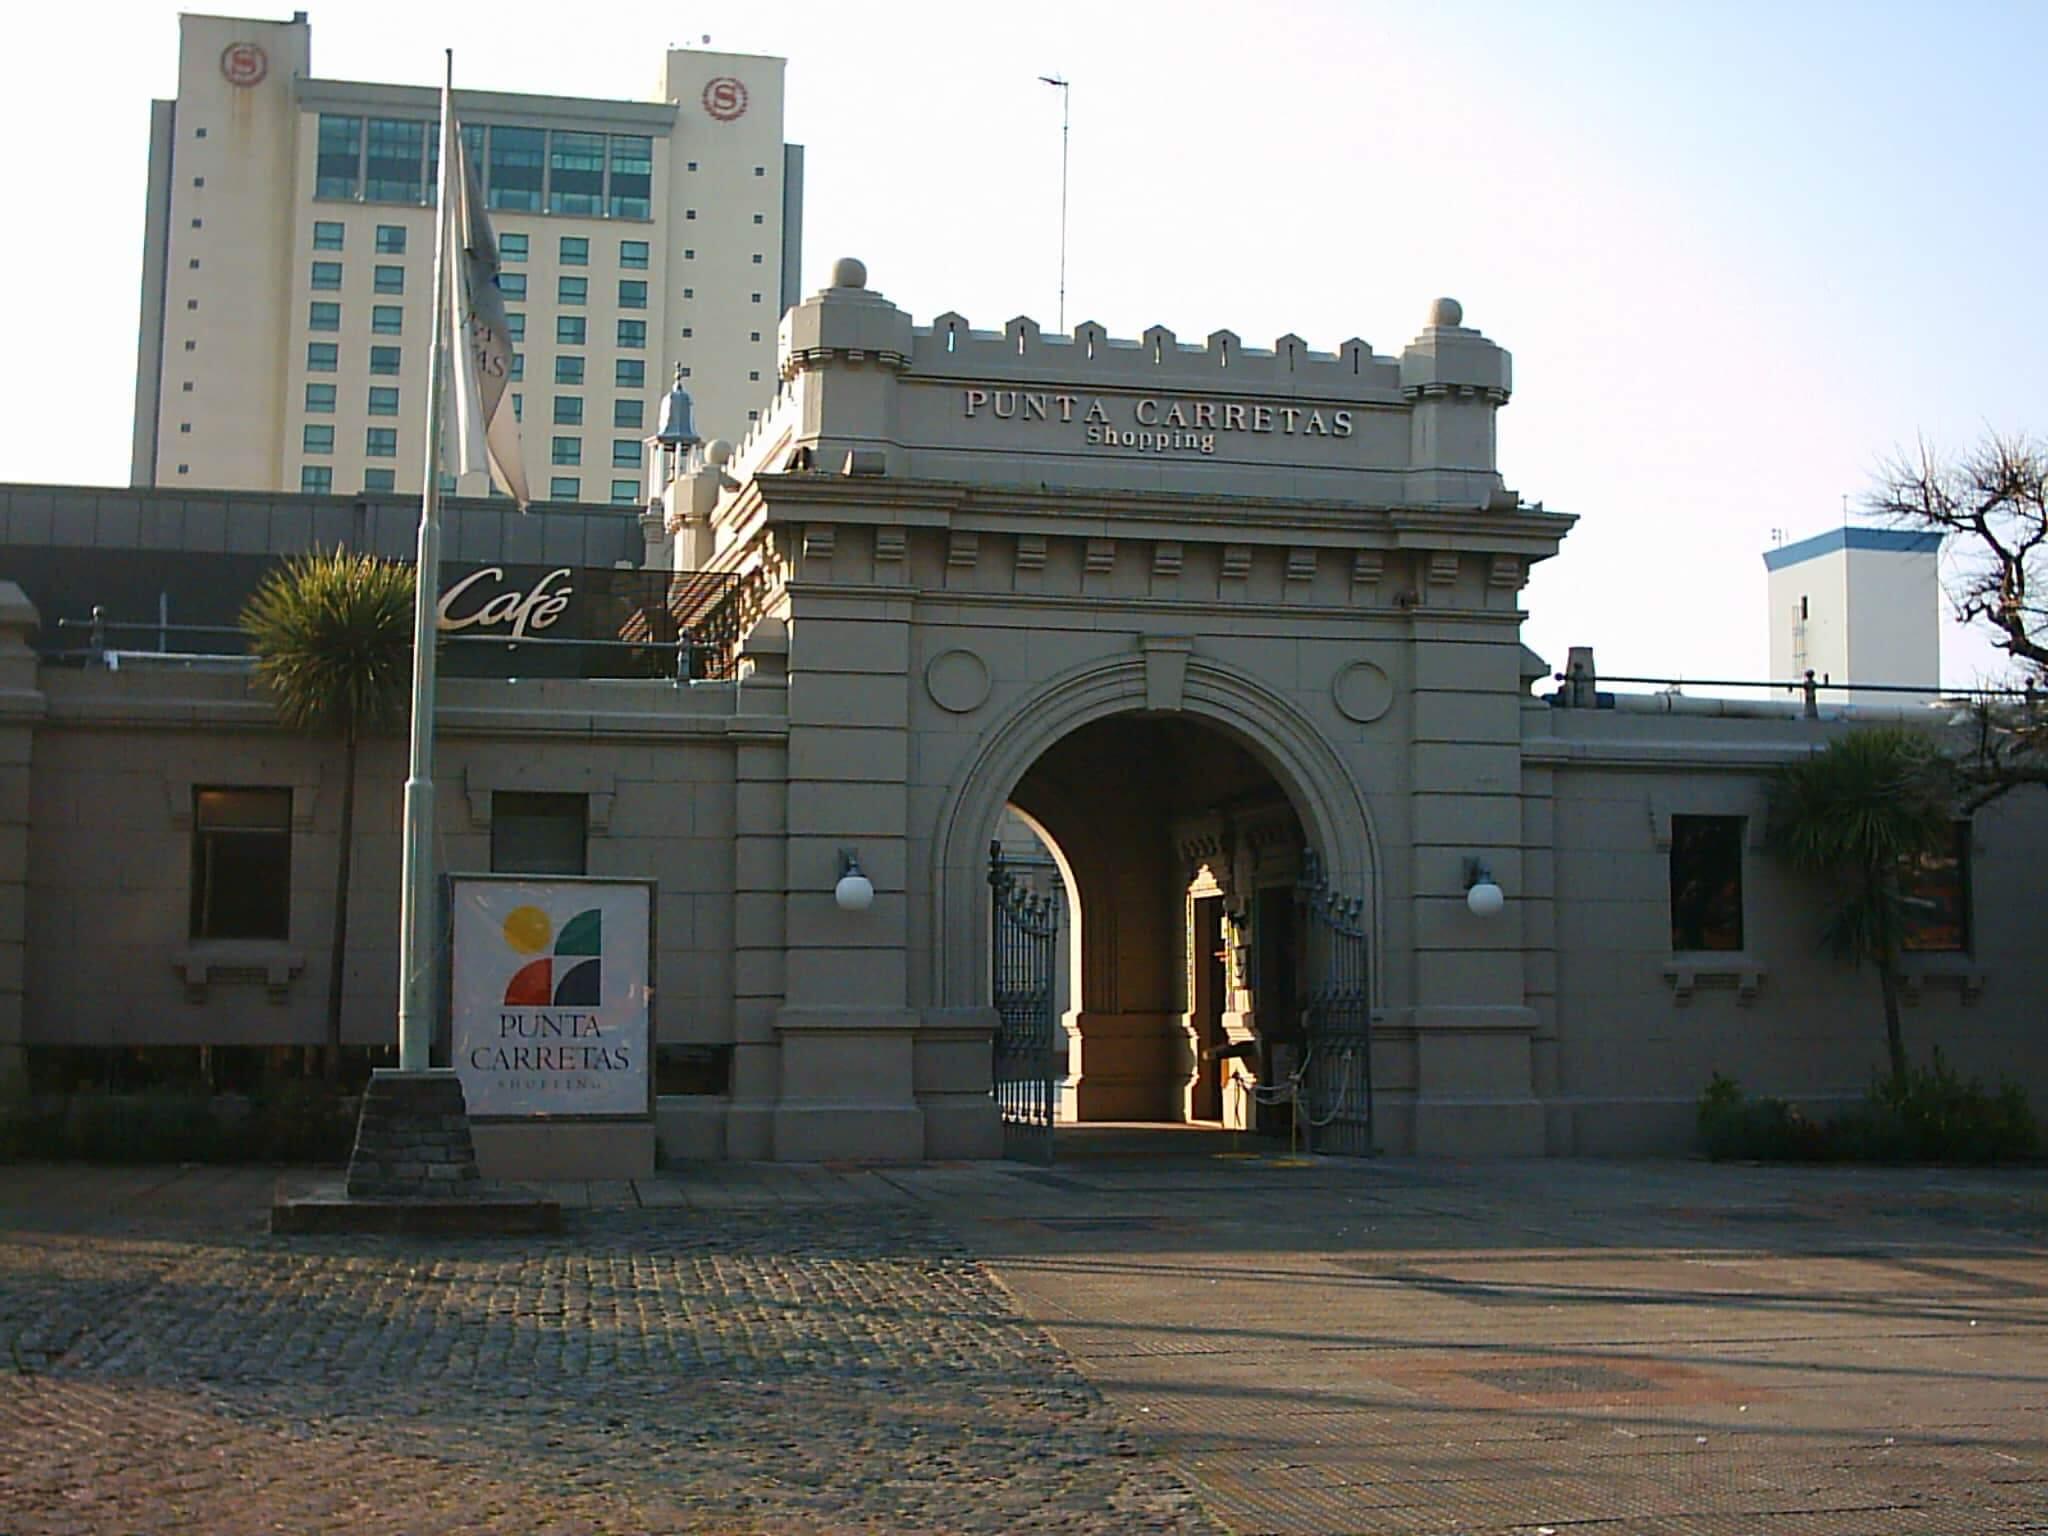 Onde ficar em Montevidéu: Punta Carretas - Shopping Punta Carretas